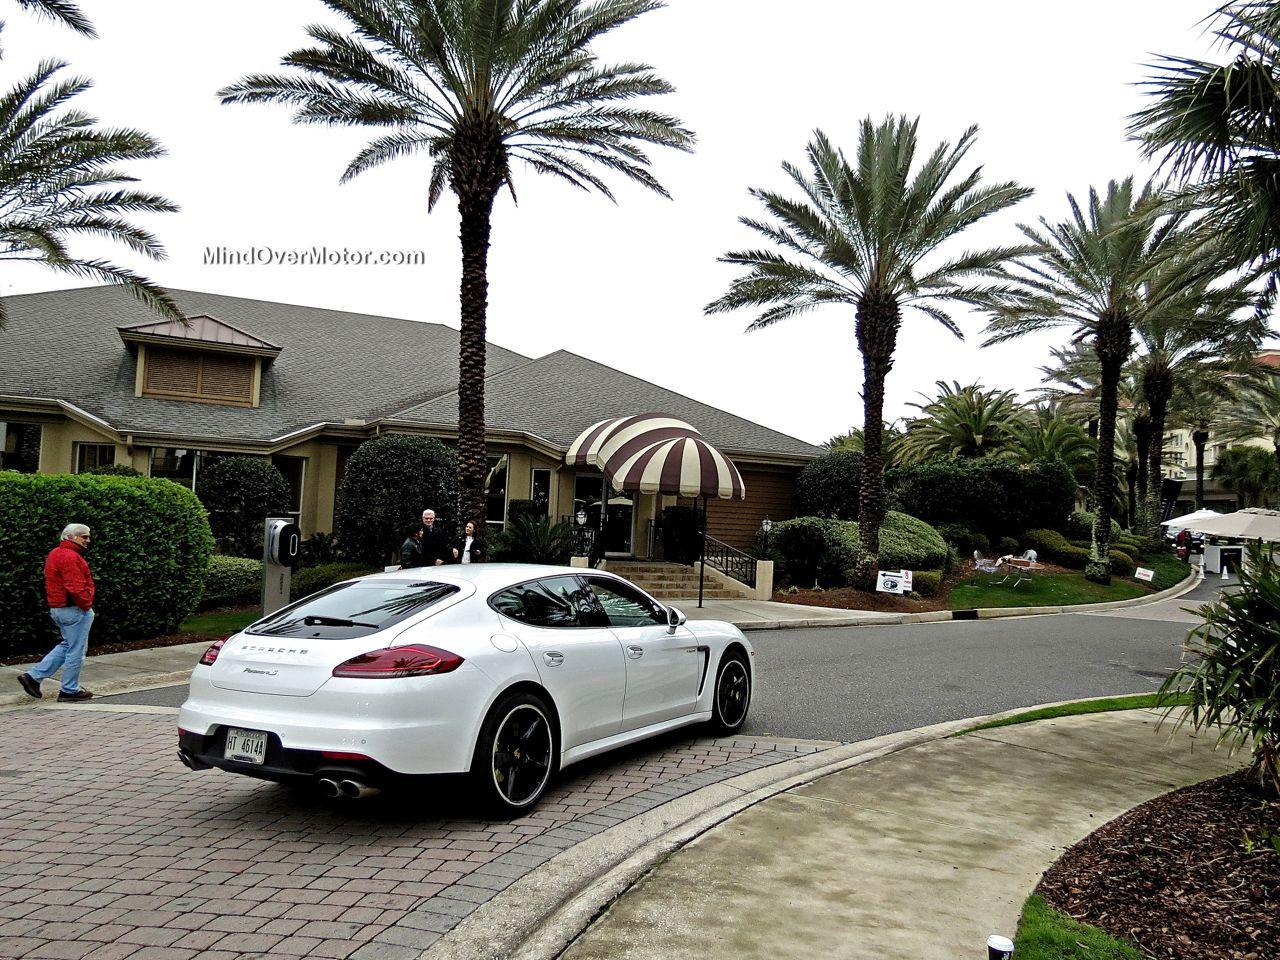 Porsche Panamera S E-Hybrid Rear View